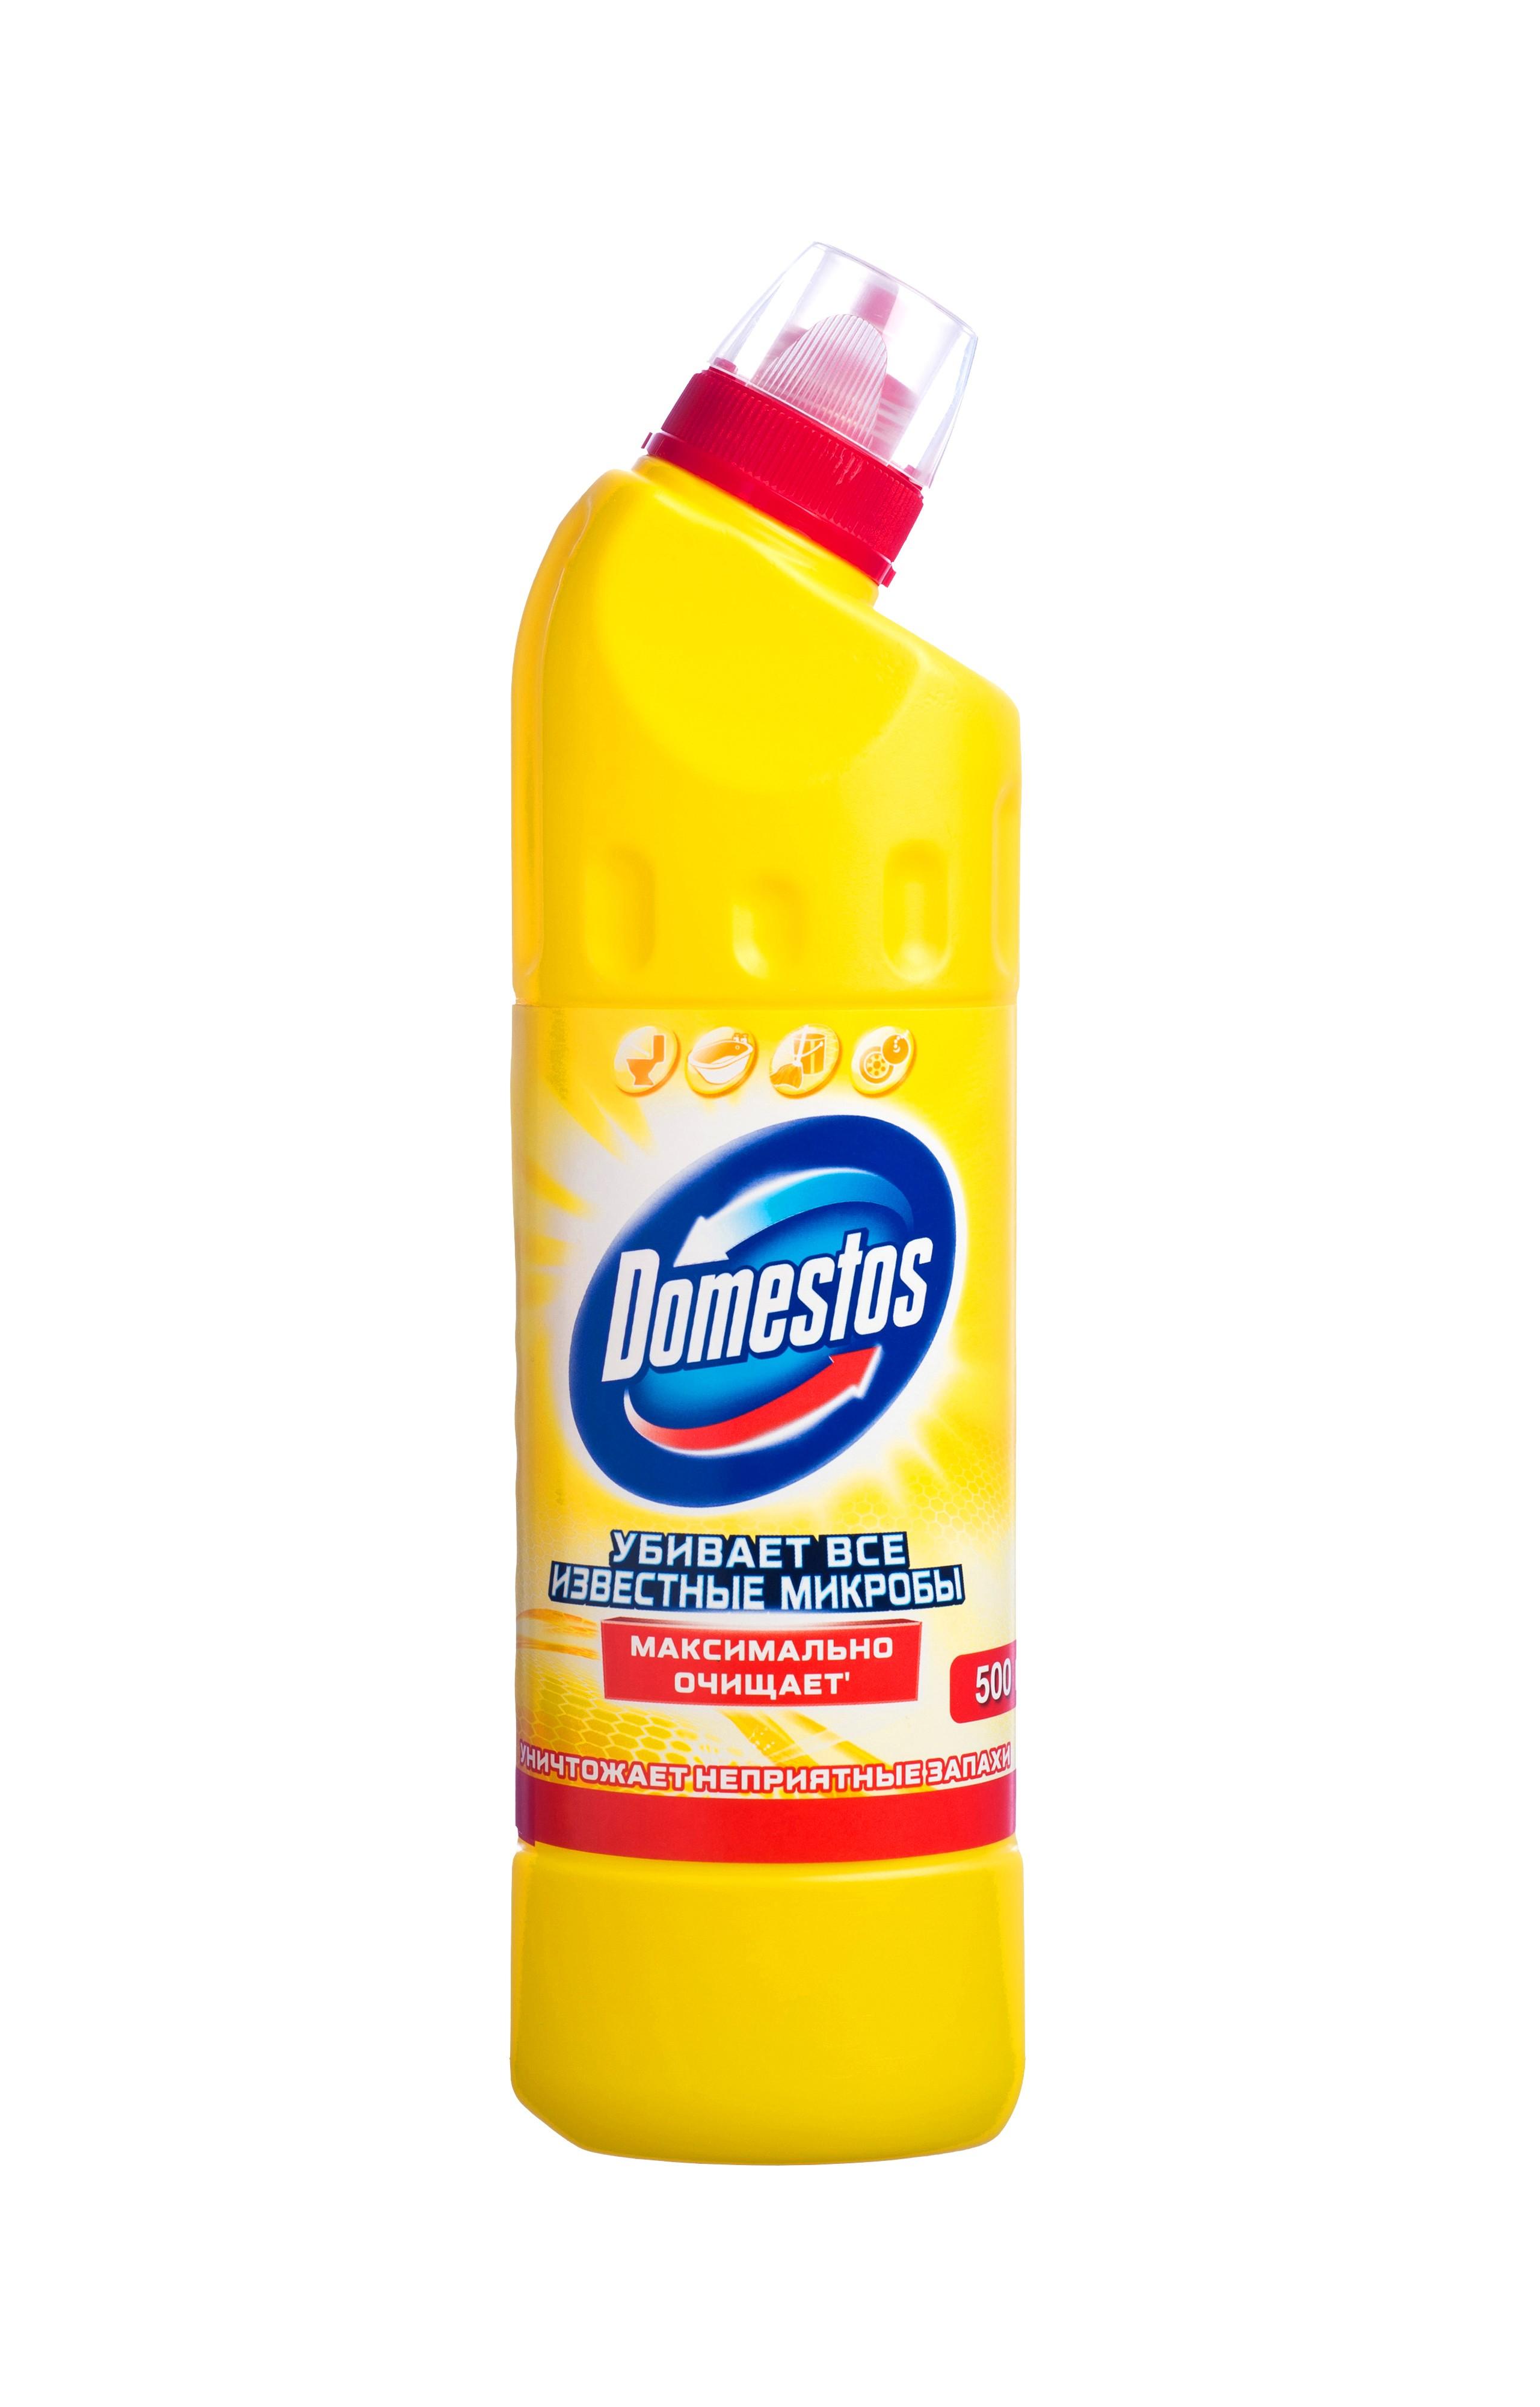 Domestos Двойная сила Чистящее и дезинфицирующее средство Универсальное Лимонная свежесть 500 мл